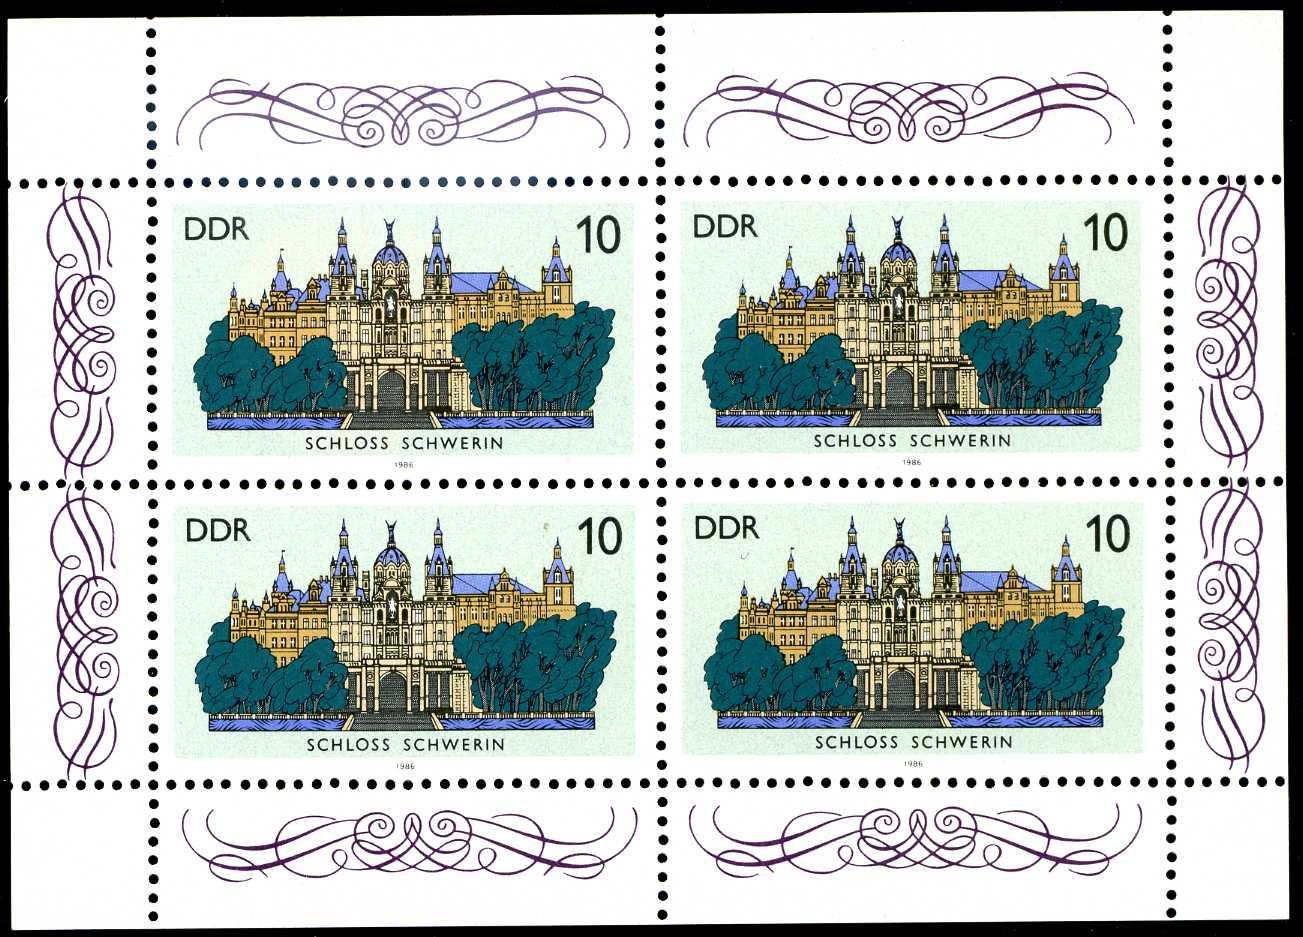 DE 023 1986 Schwerin.jpg